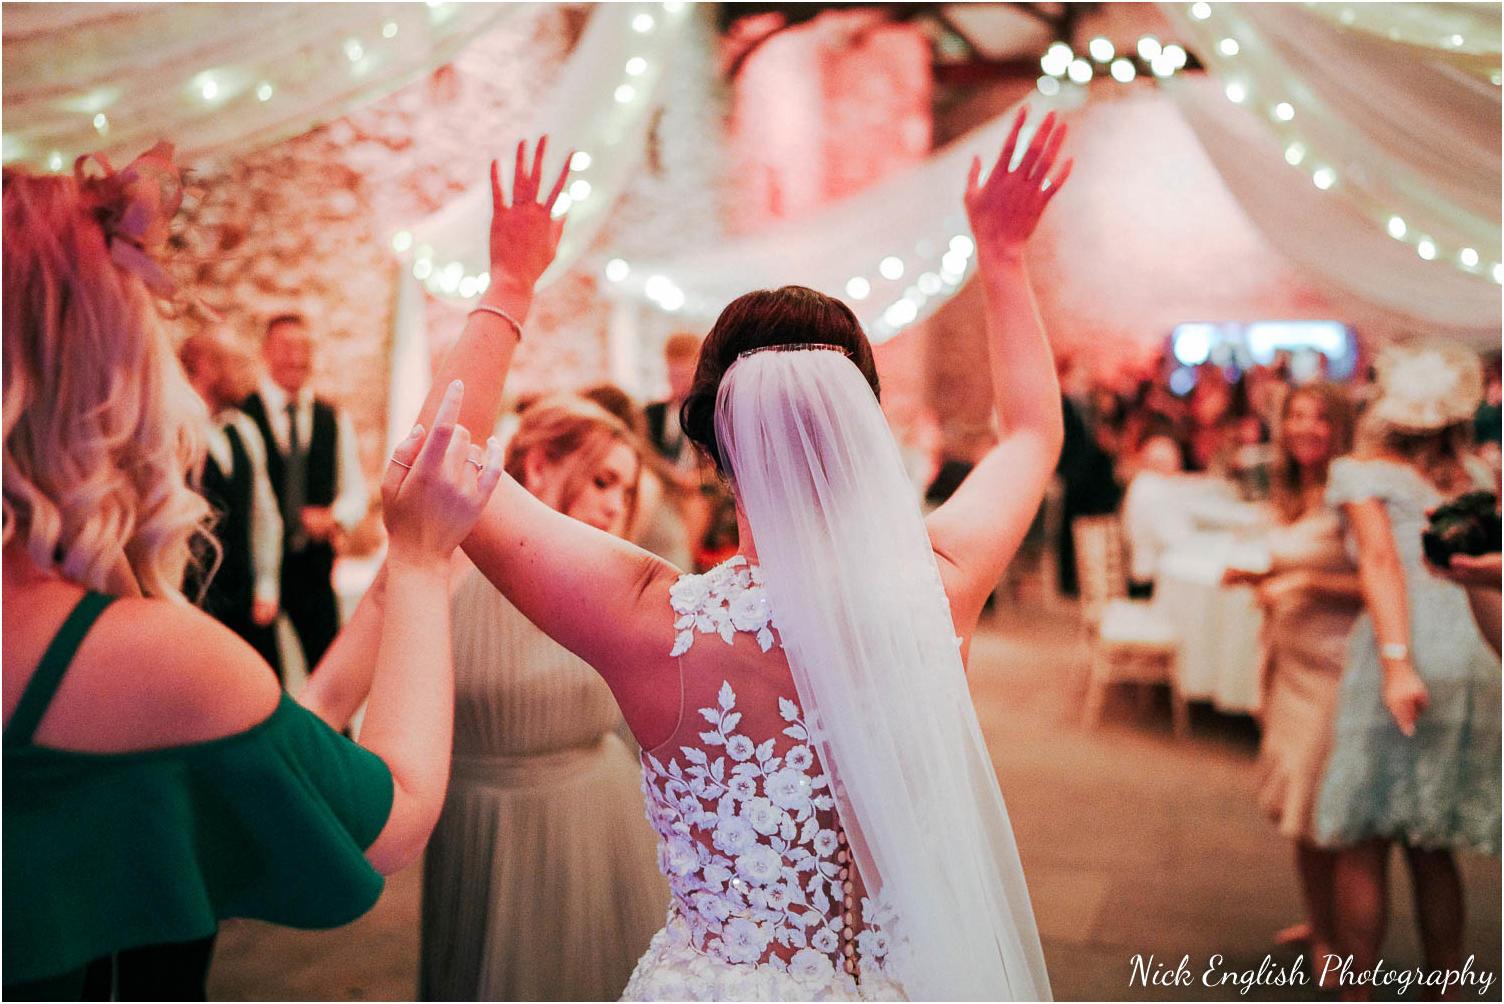 Browsholme_Hall_Barn_Wedding_Nick_English_Photography-190.jpg